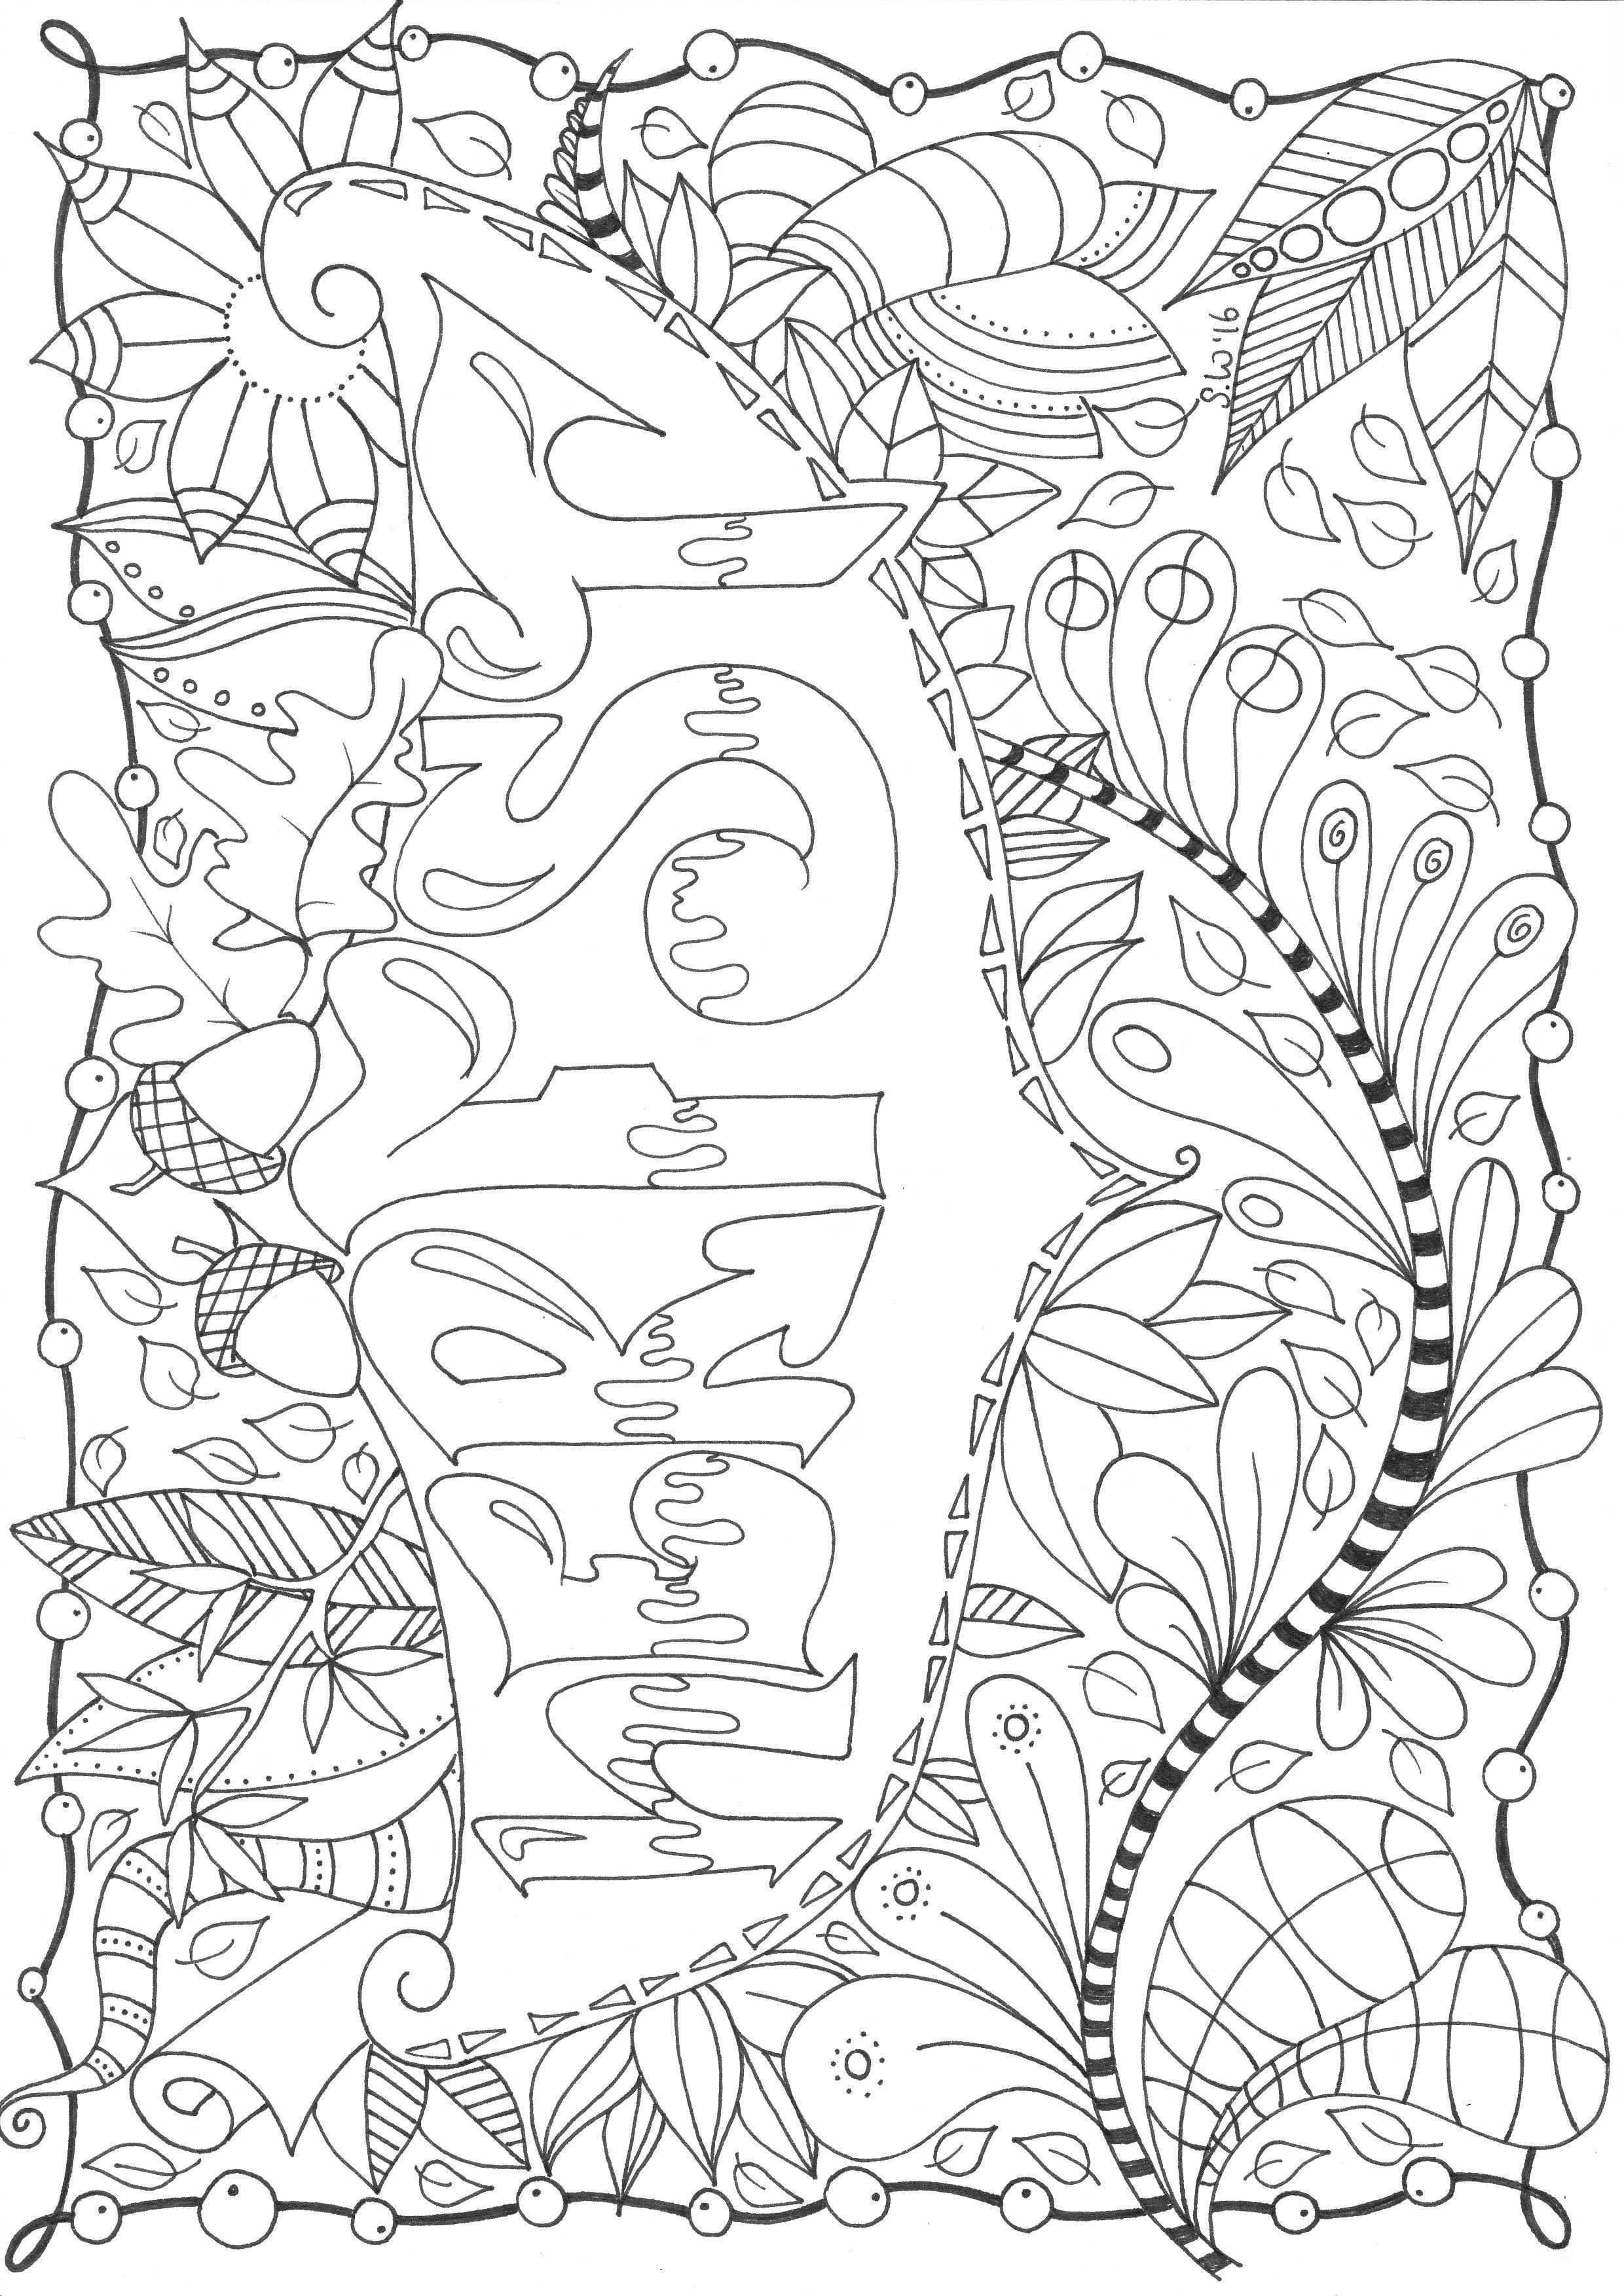 Herfst Autumn Doodle Zentangle Zentangle Kleurplaten Kleurplaten Voor Volwassenen